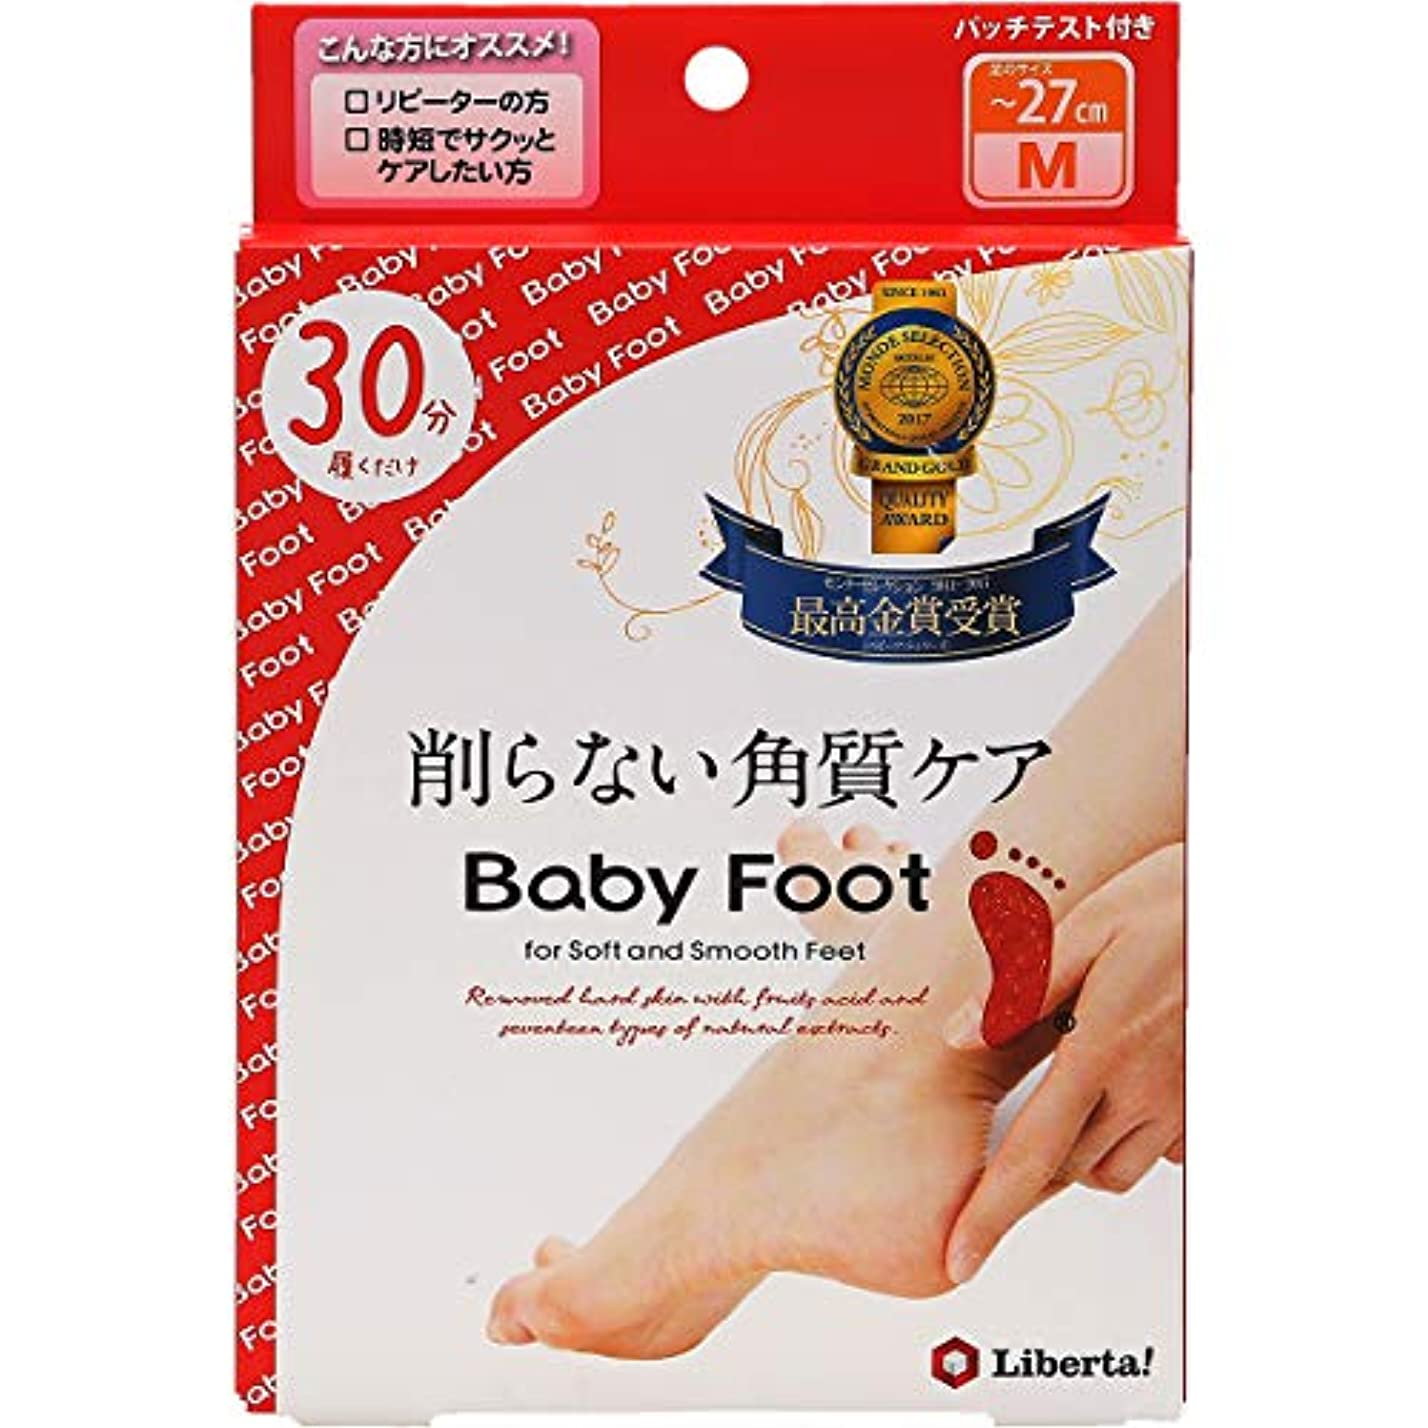 クリーク粘性の悲鳴ベビーフット (Baby Foot) ベビーフット イージーパック30分タイプ Mサイズ 単品